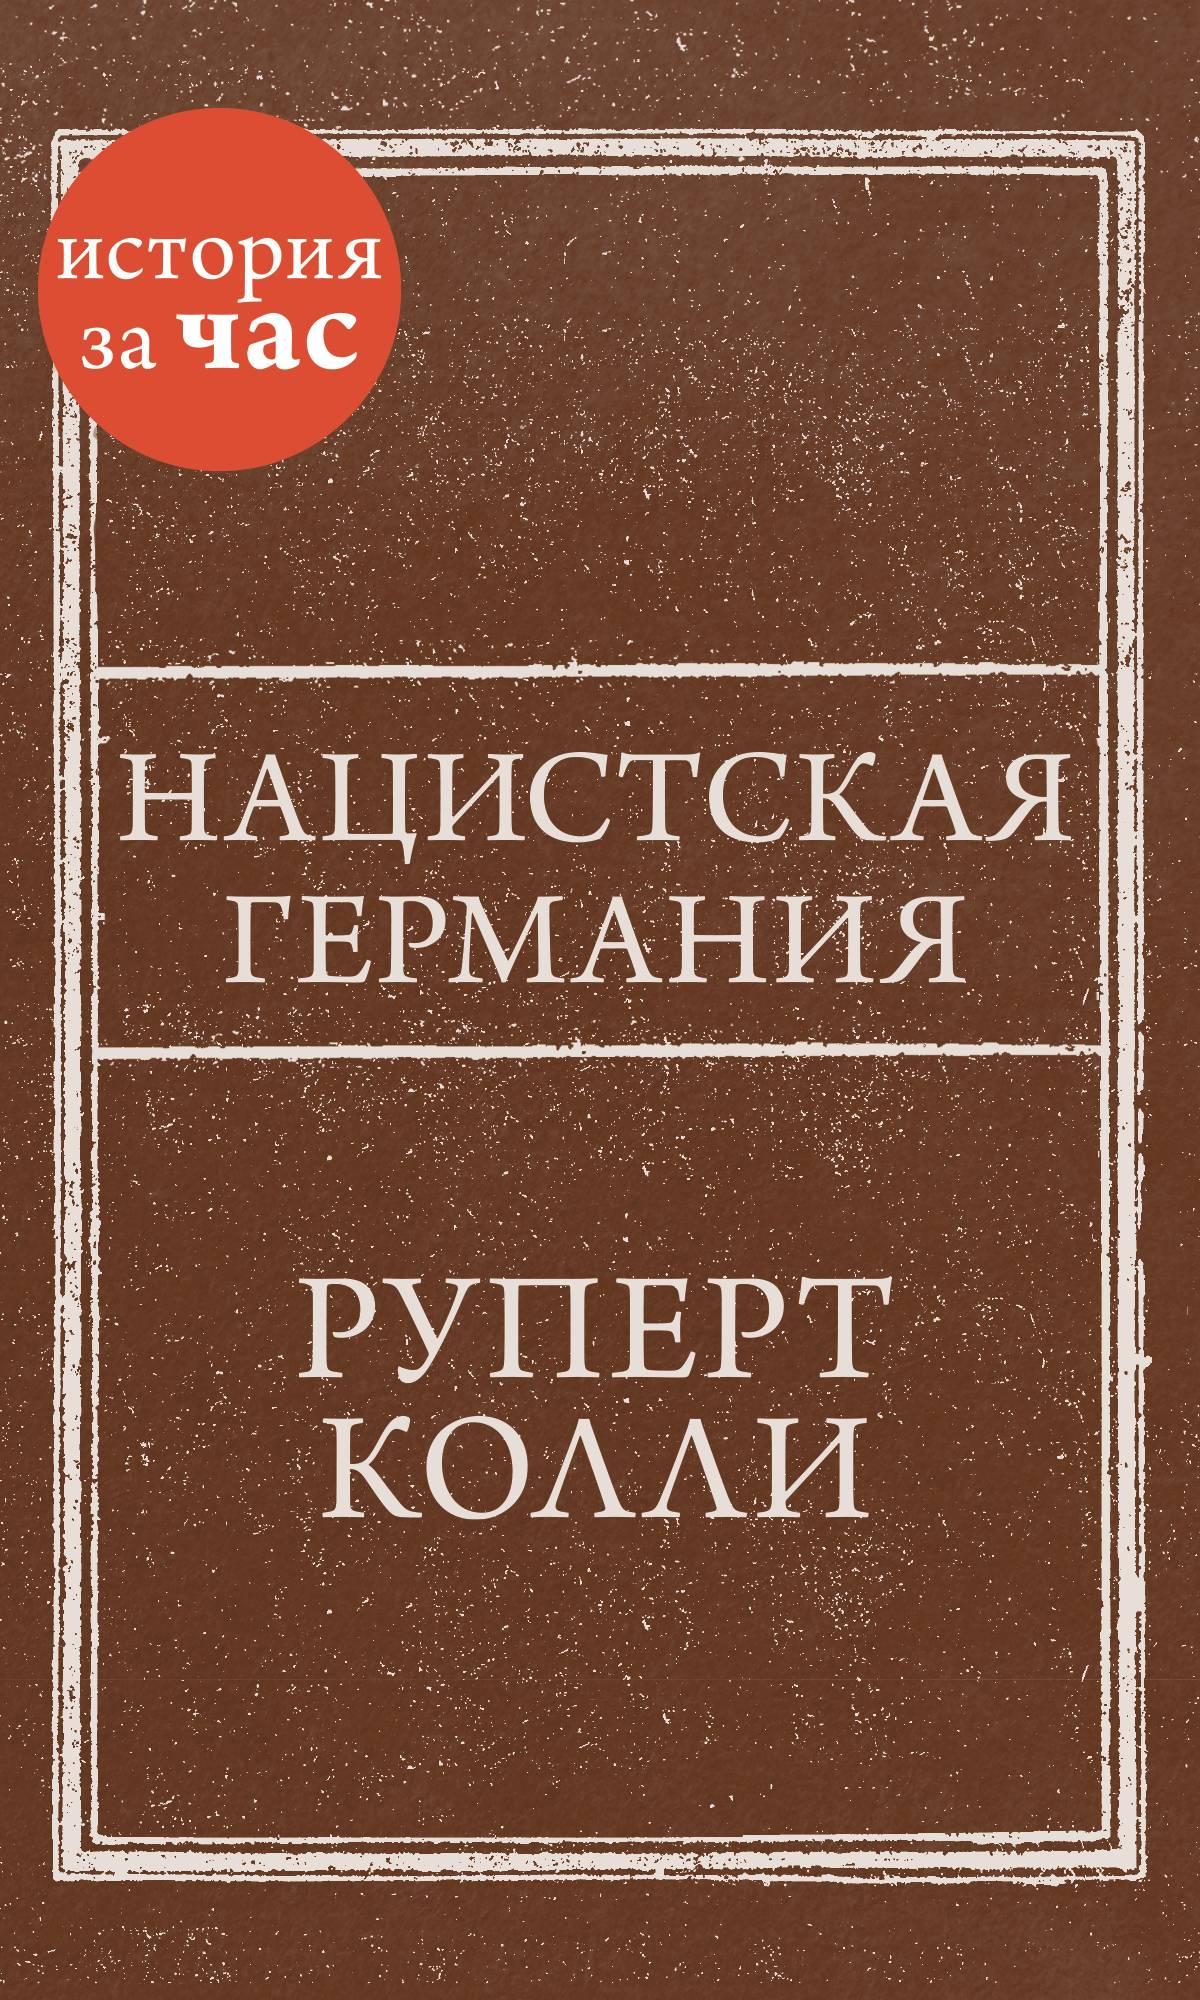 Руперт Колли Нацистская Германия